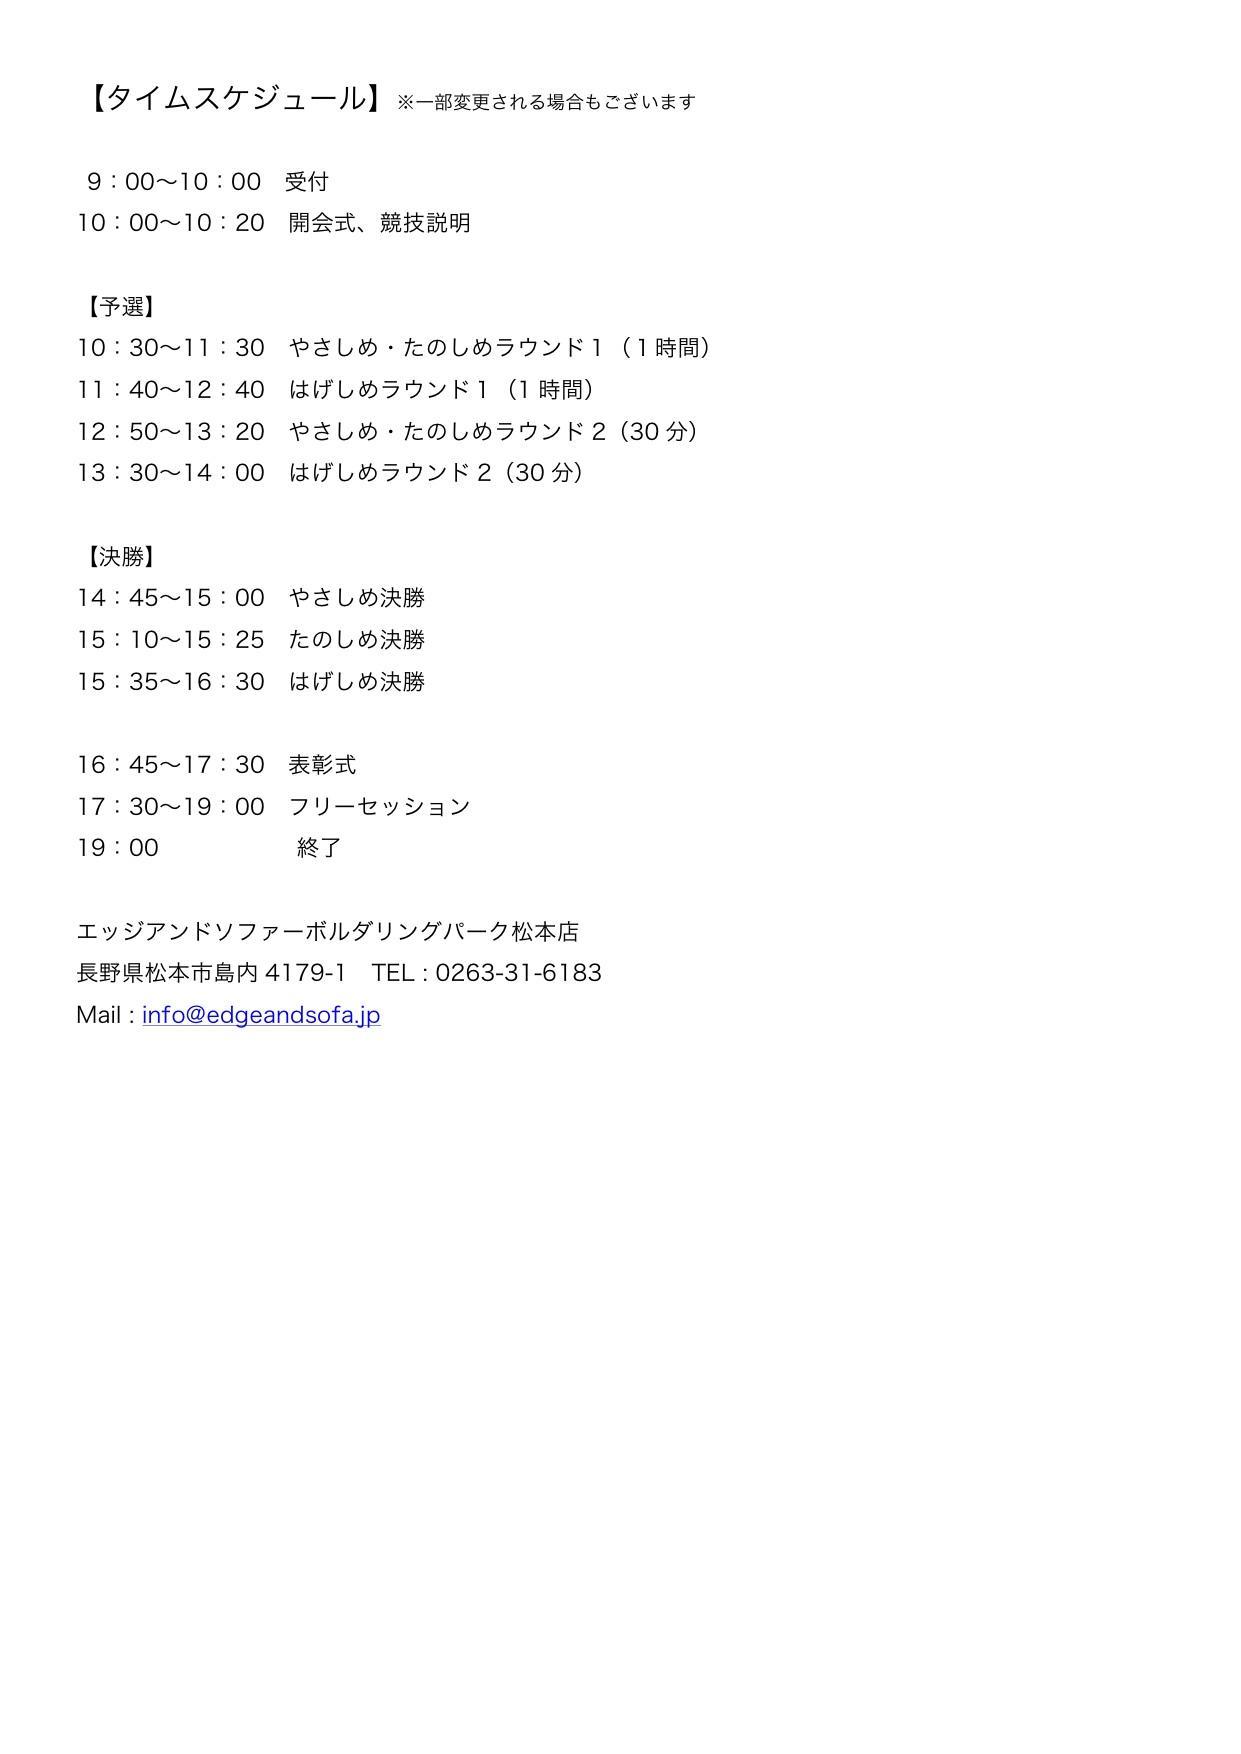 http://www.edgeandsofa.jp/blog/8229d8fa10ea503242d49981c6b2952248fa6095.jpg